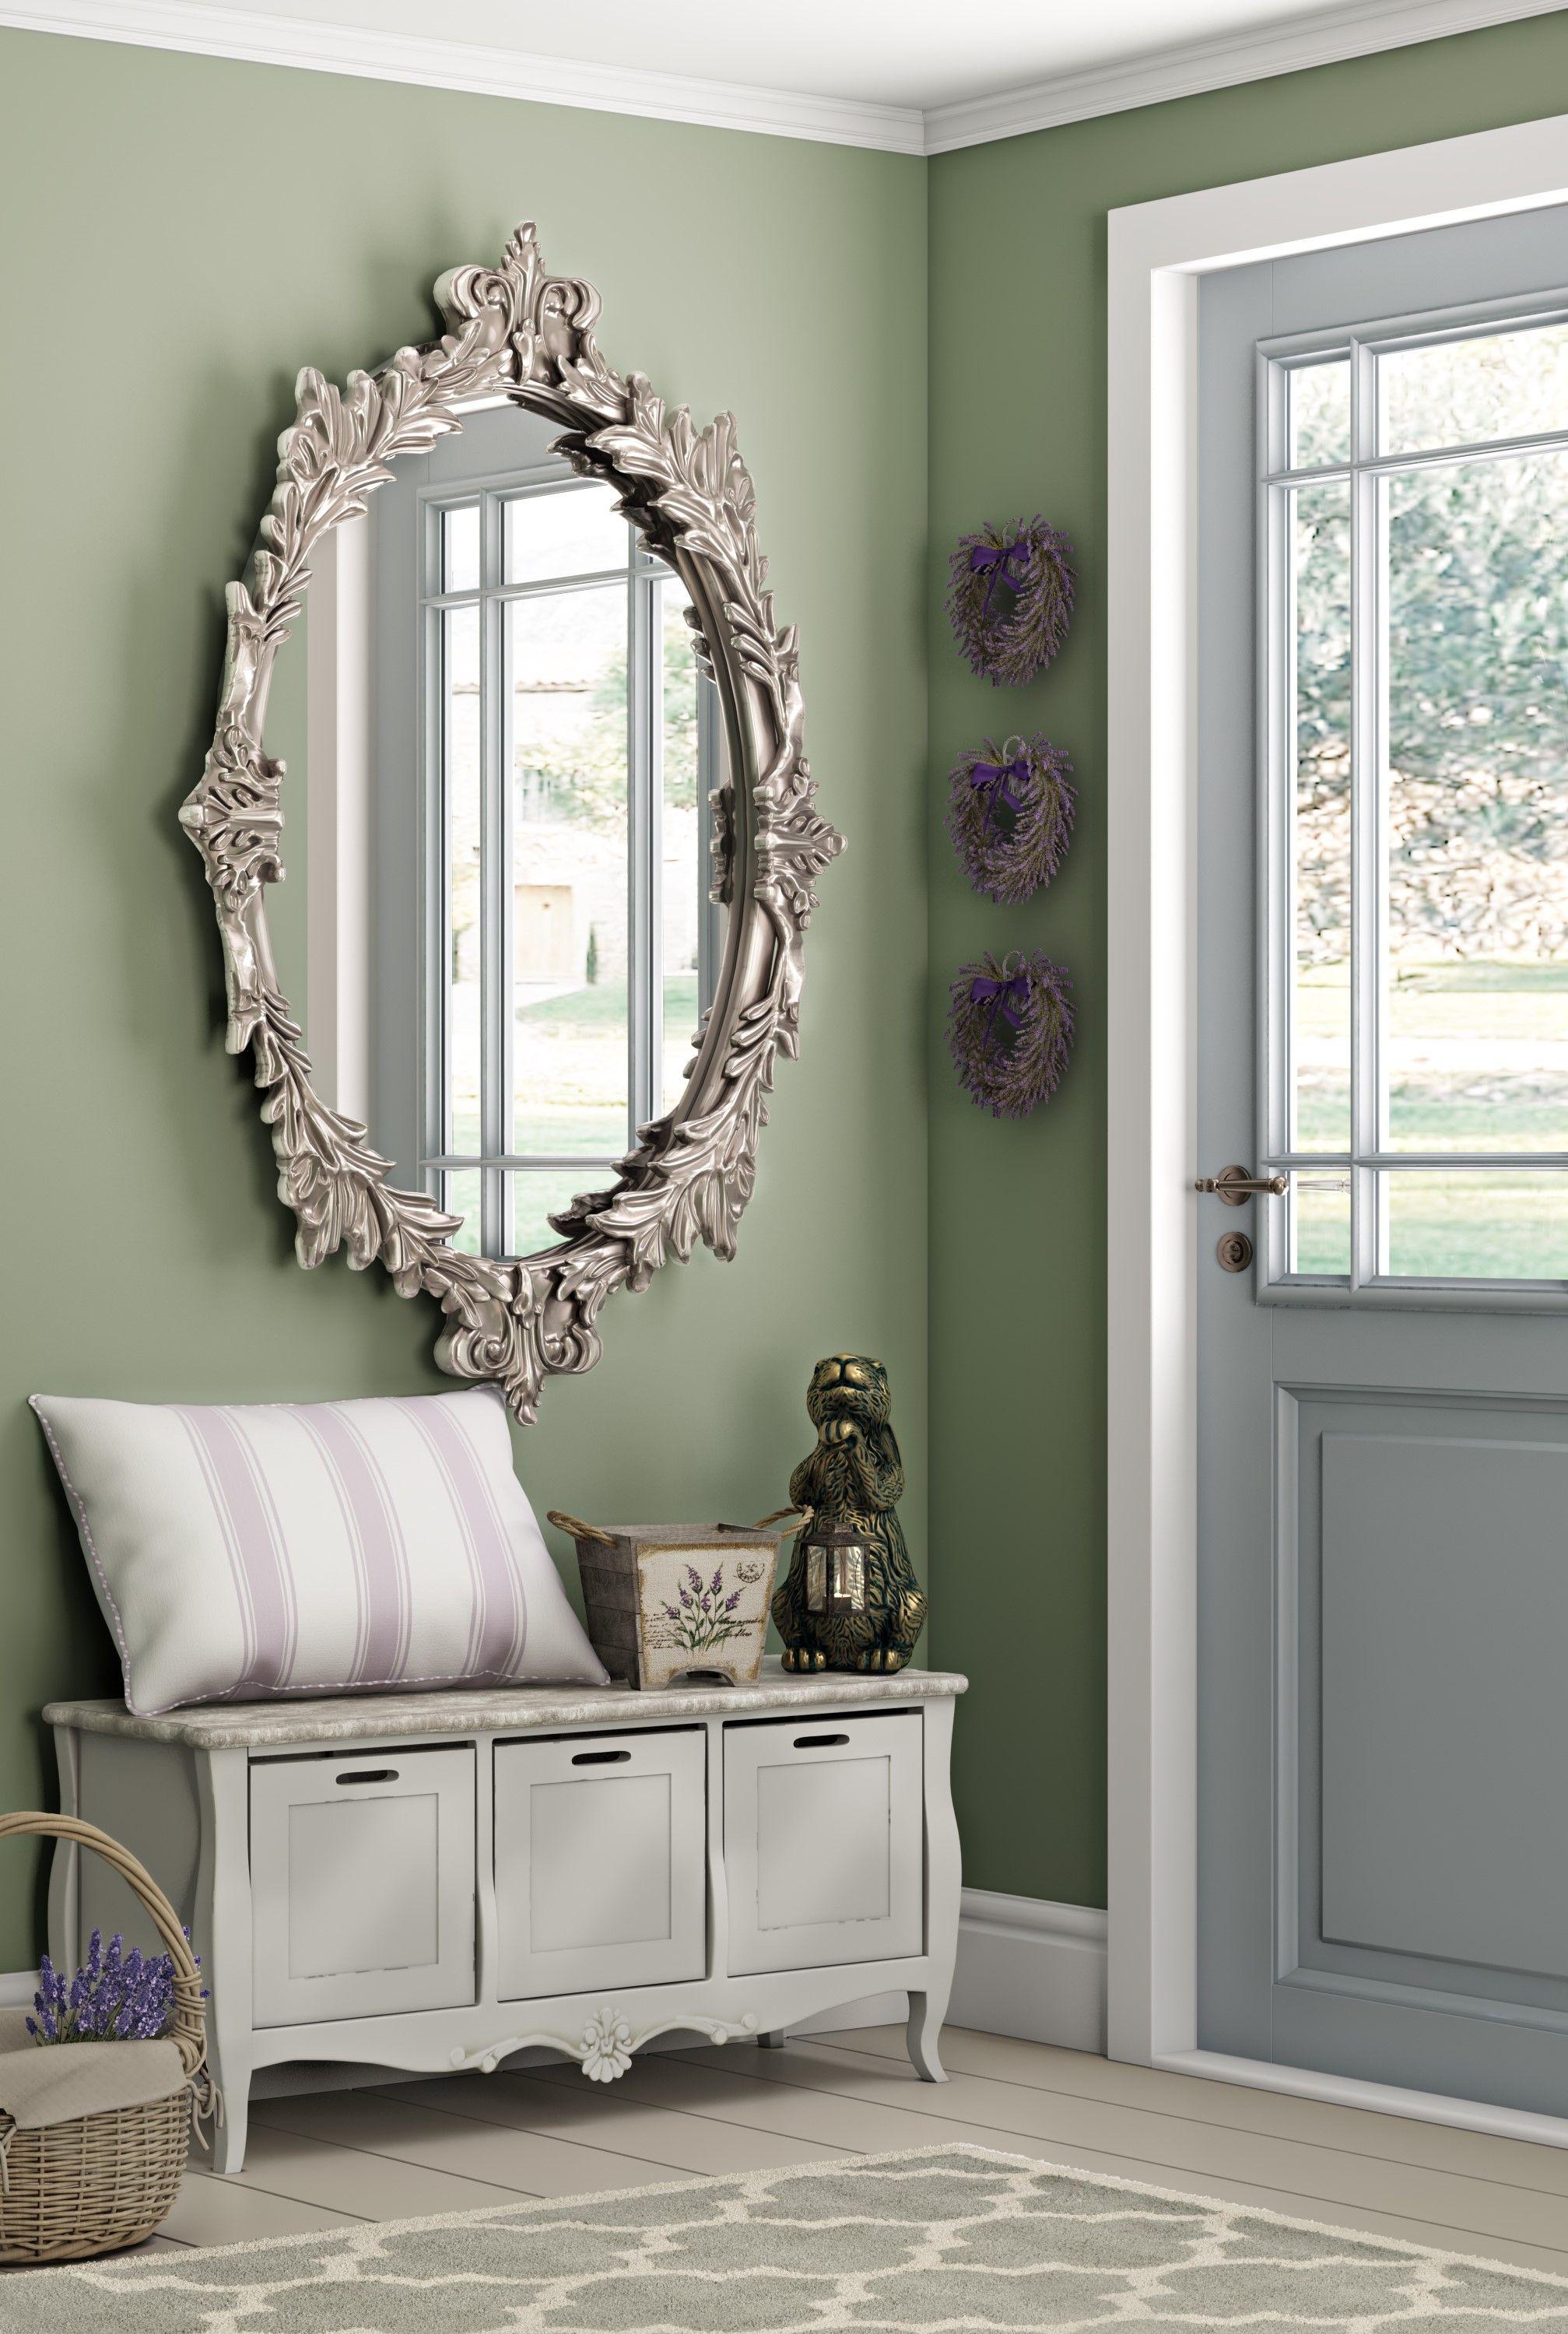 Wandspiegel Tarbes | Wand der Spiegel, Dekorative wandspiegel und ...